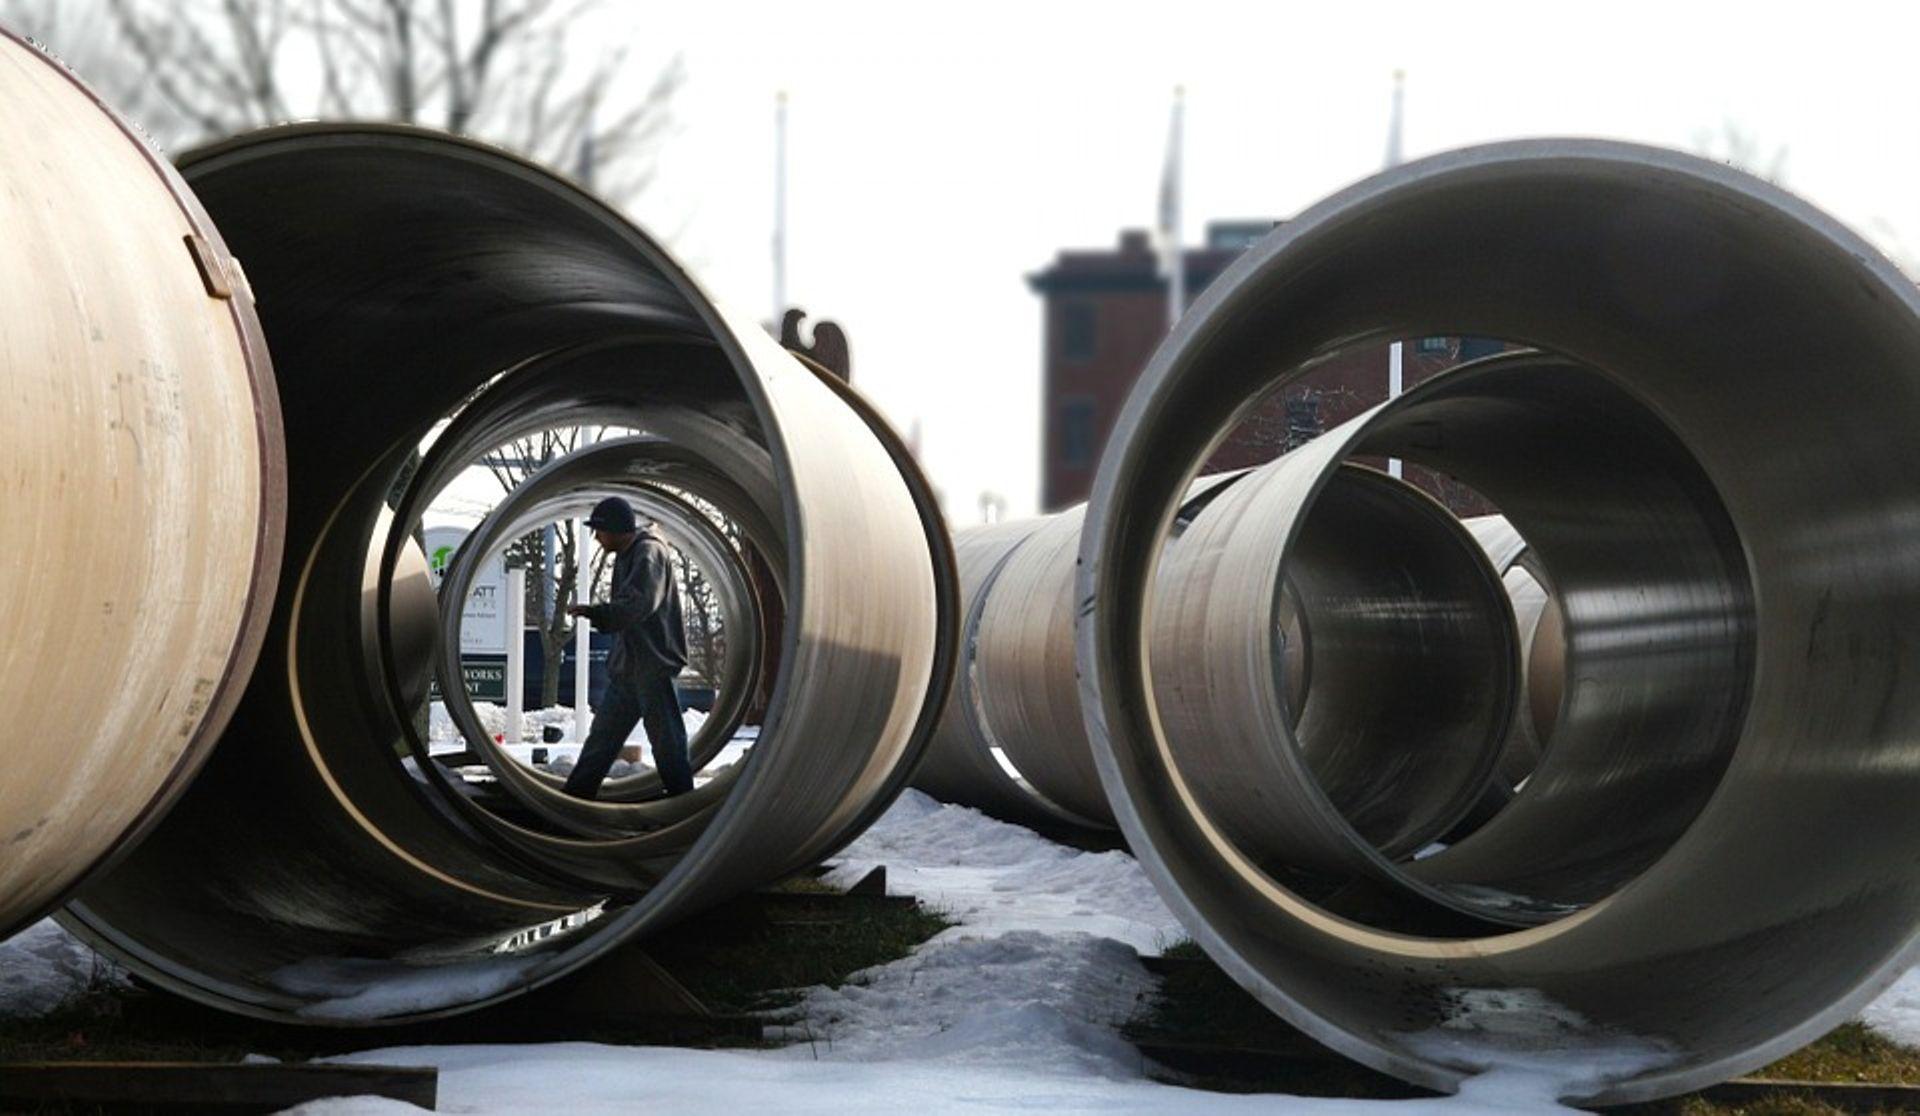 Za 30 mln zł zostanie rozbudowana sieć wodociągowa w Kobierzycach i na południu Wrocławia